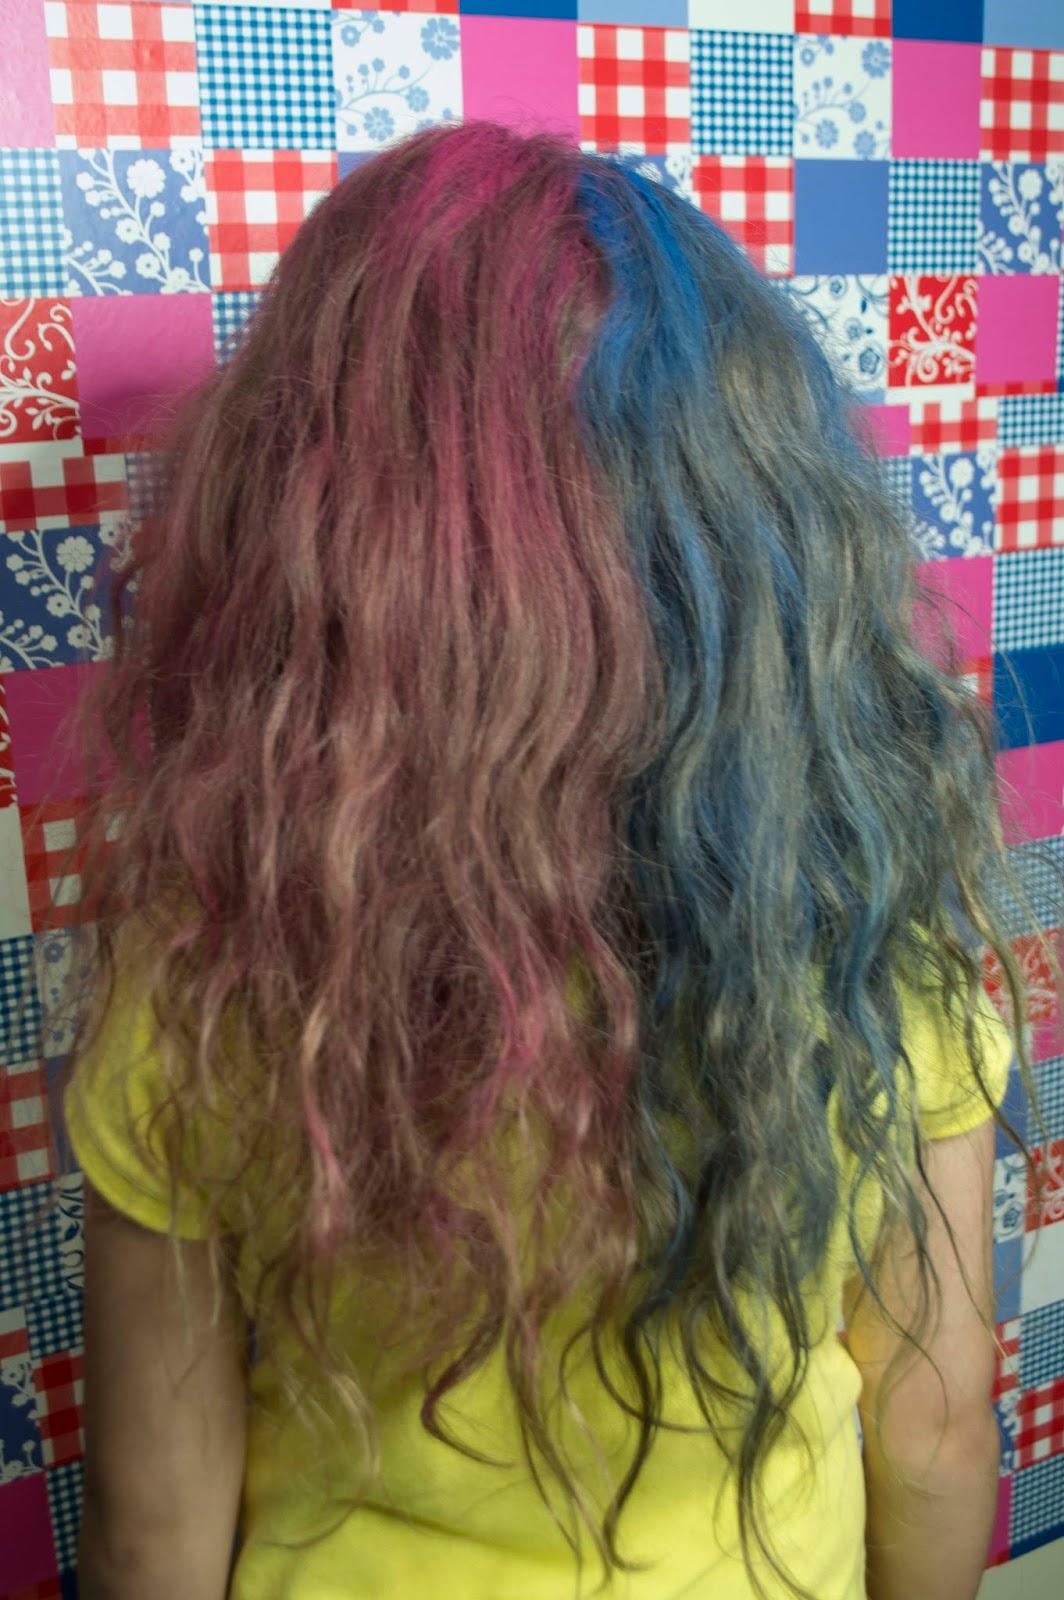 giz para cabelos _ quem disse, berenice? resenha blog mamãe de salto